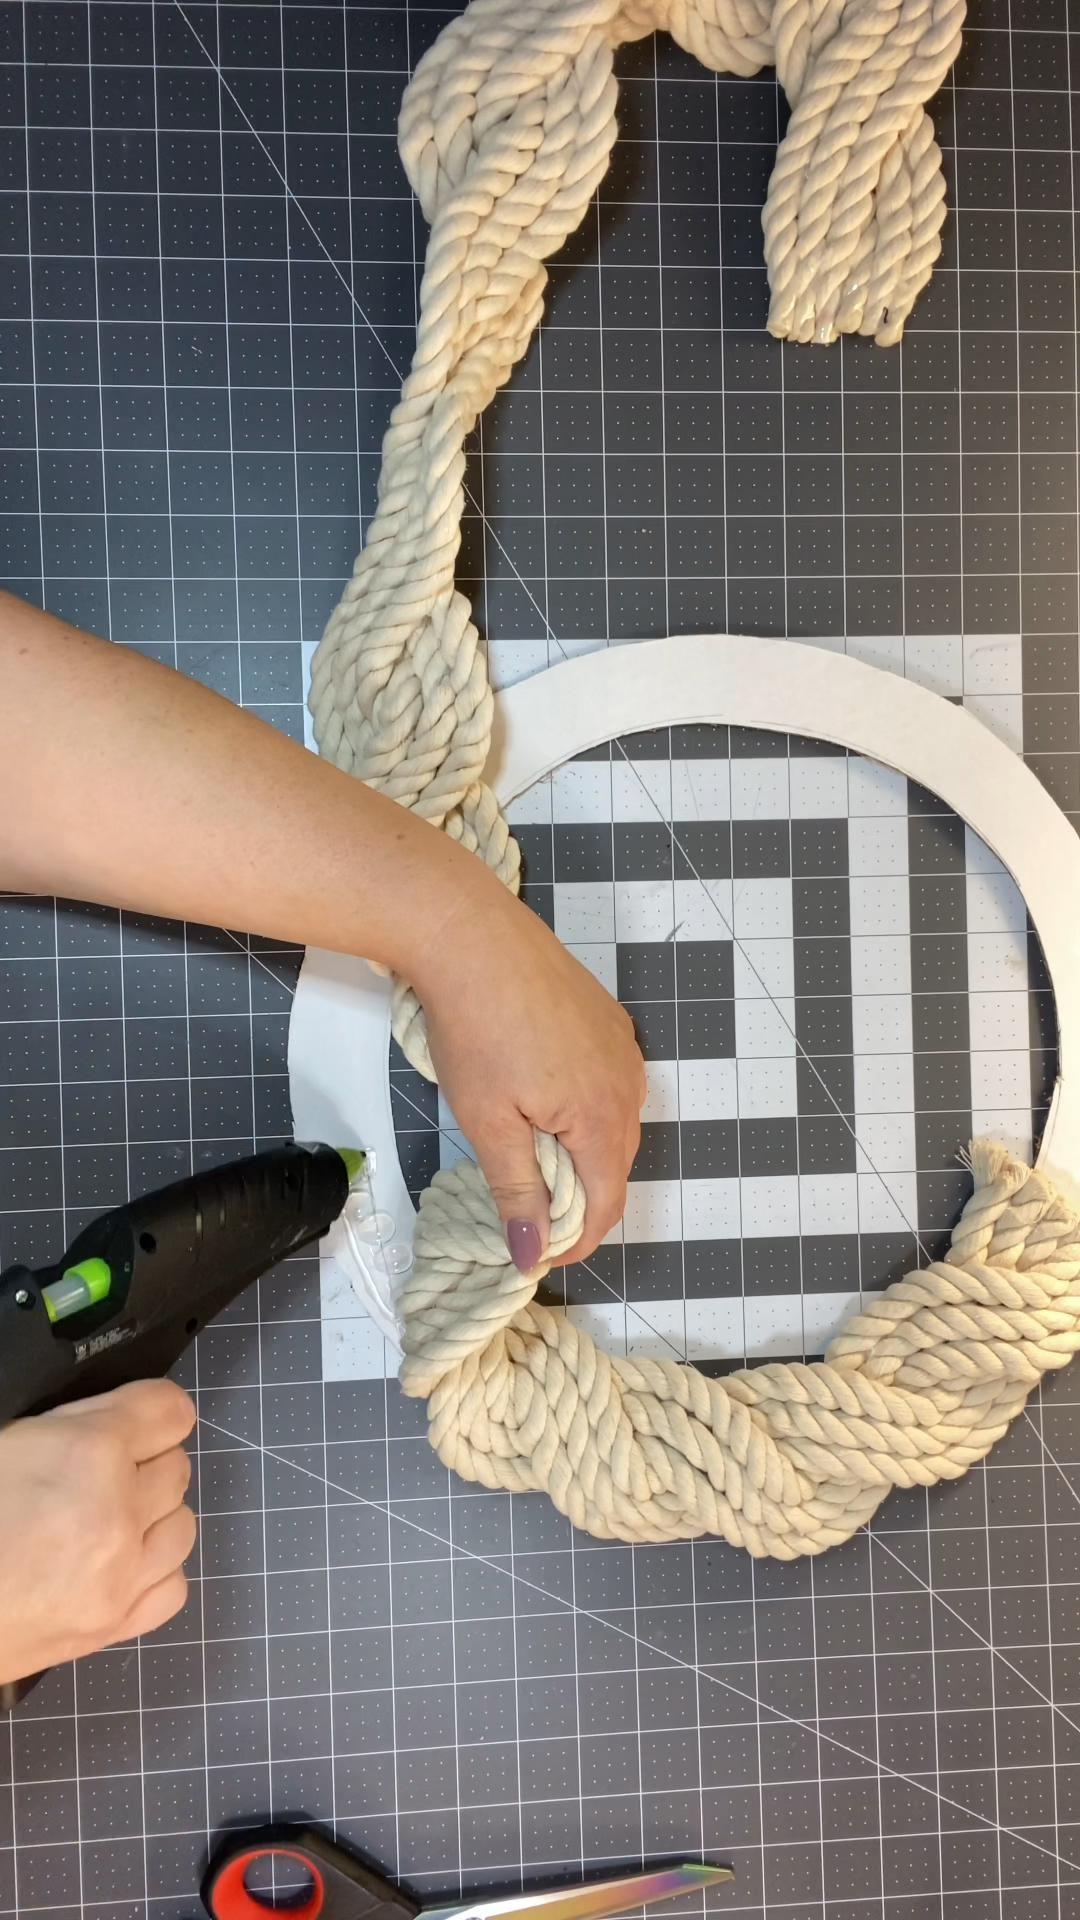 Gallery — Deep Cut: Handmade Wooden Home Goods & Decor